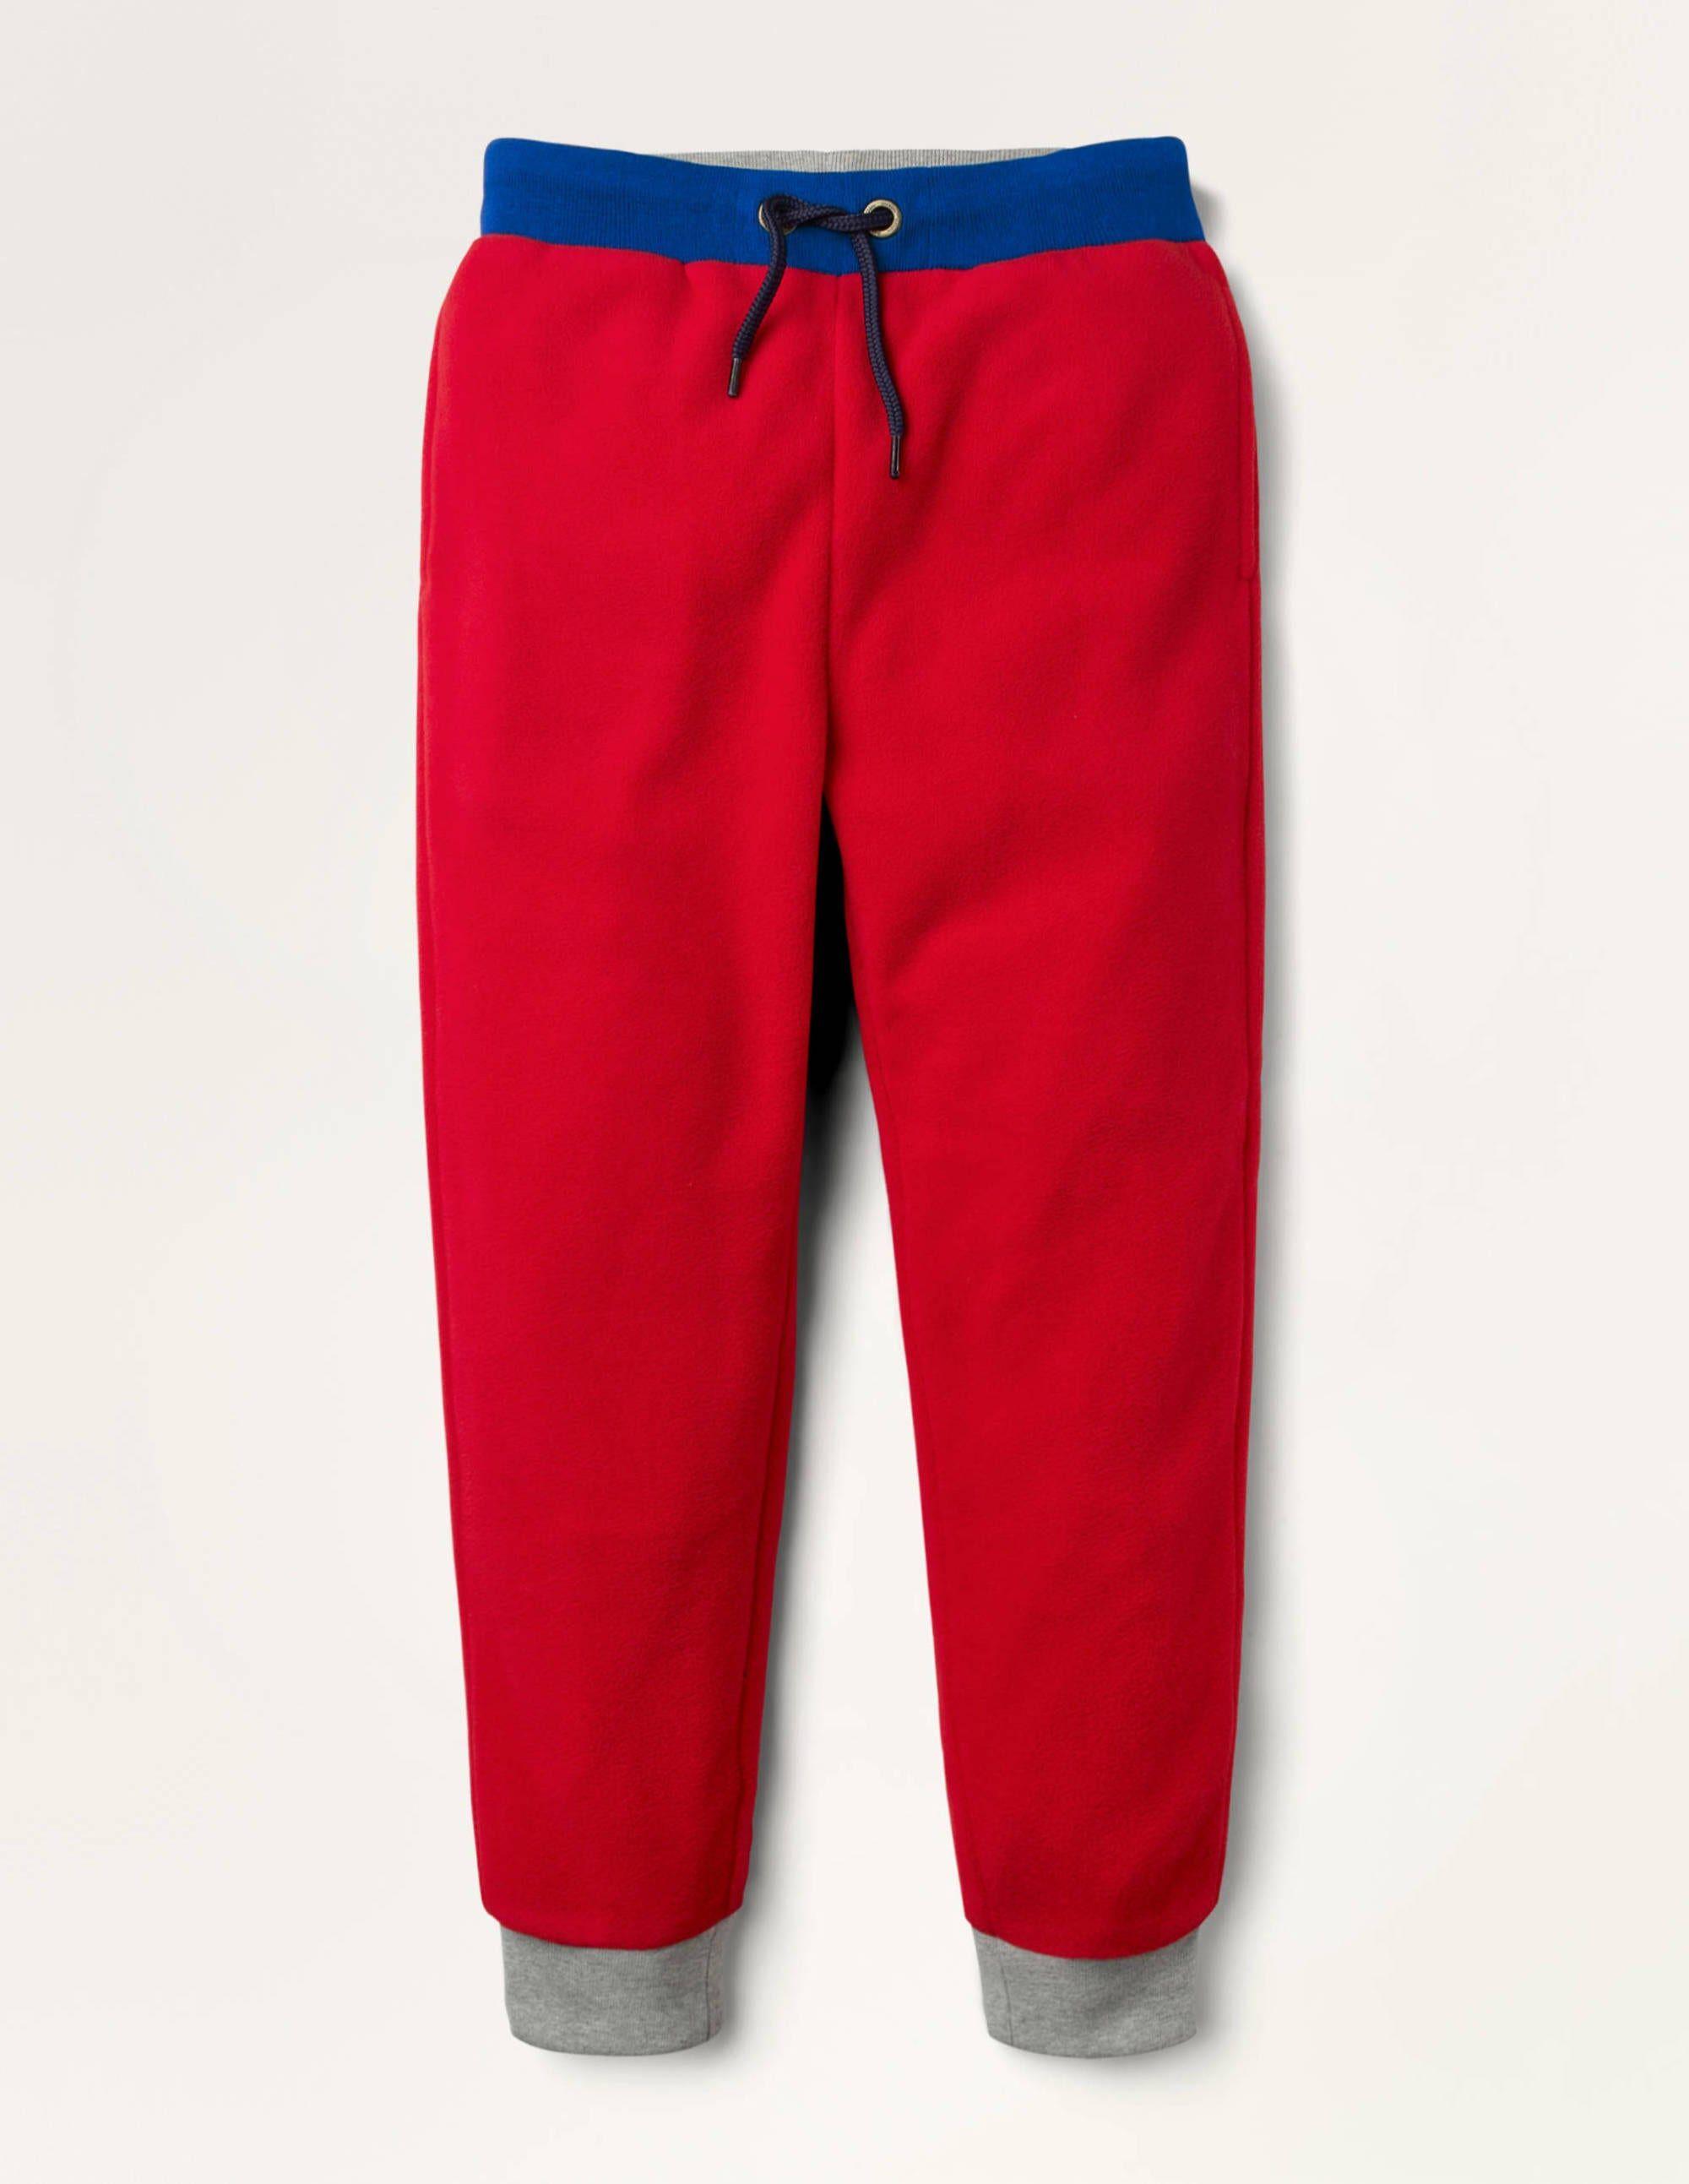 Mini Bas de jogging en micro-polaire RED Garçon Boden, Red - 5a